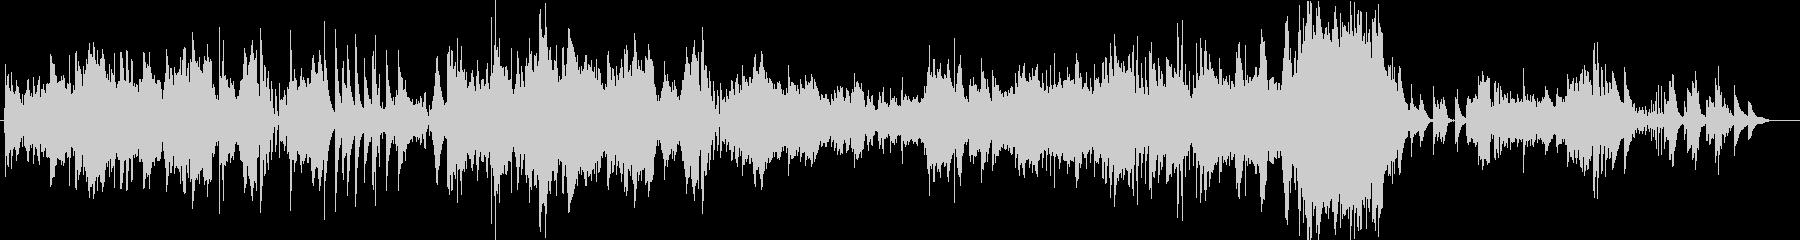 繊細なピアノの音が印象的なピアノBGMの未再生の波形